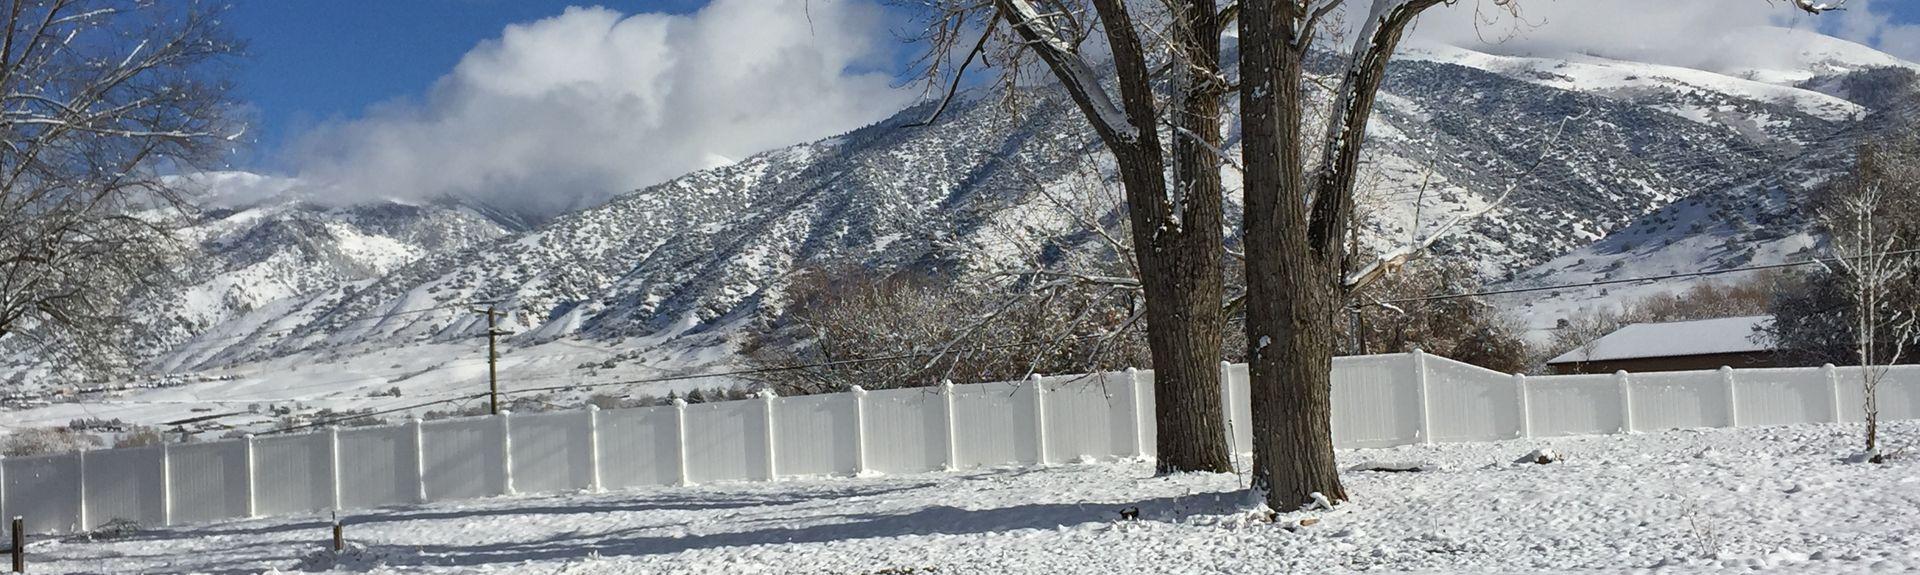 Wellsville, Utah, États-Unis d'Amérique